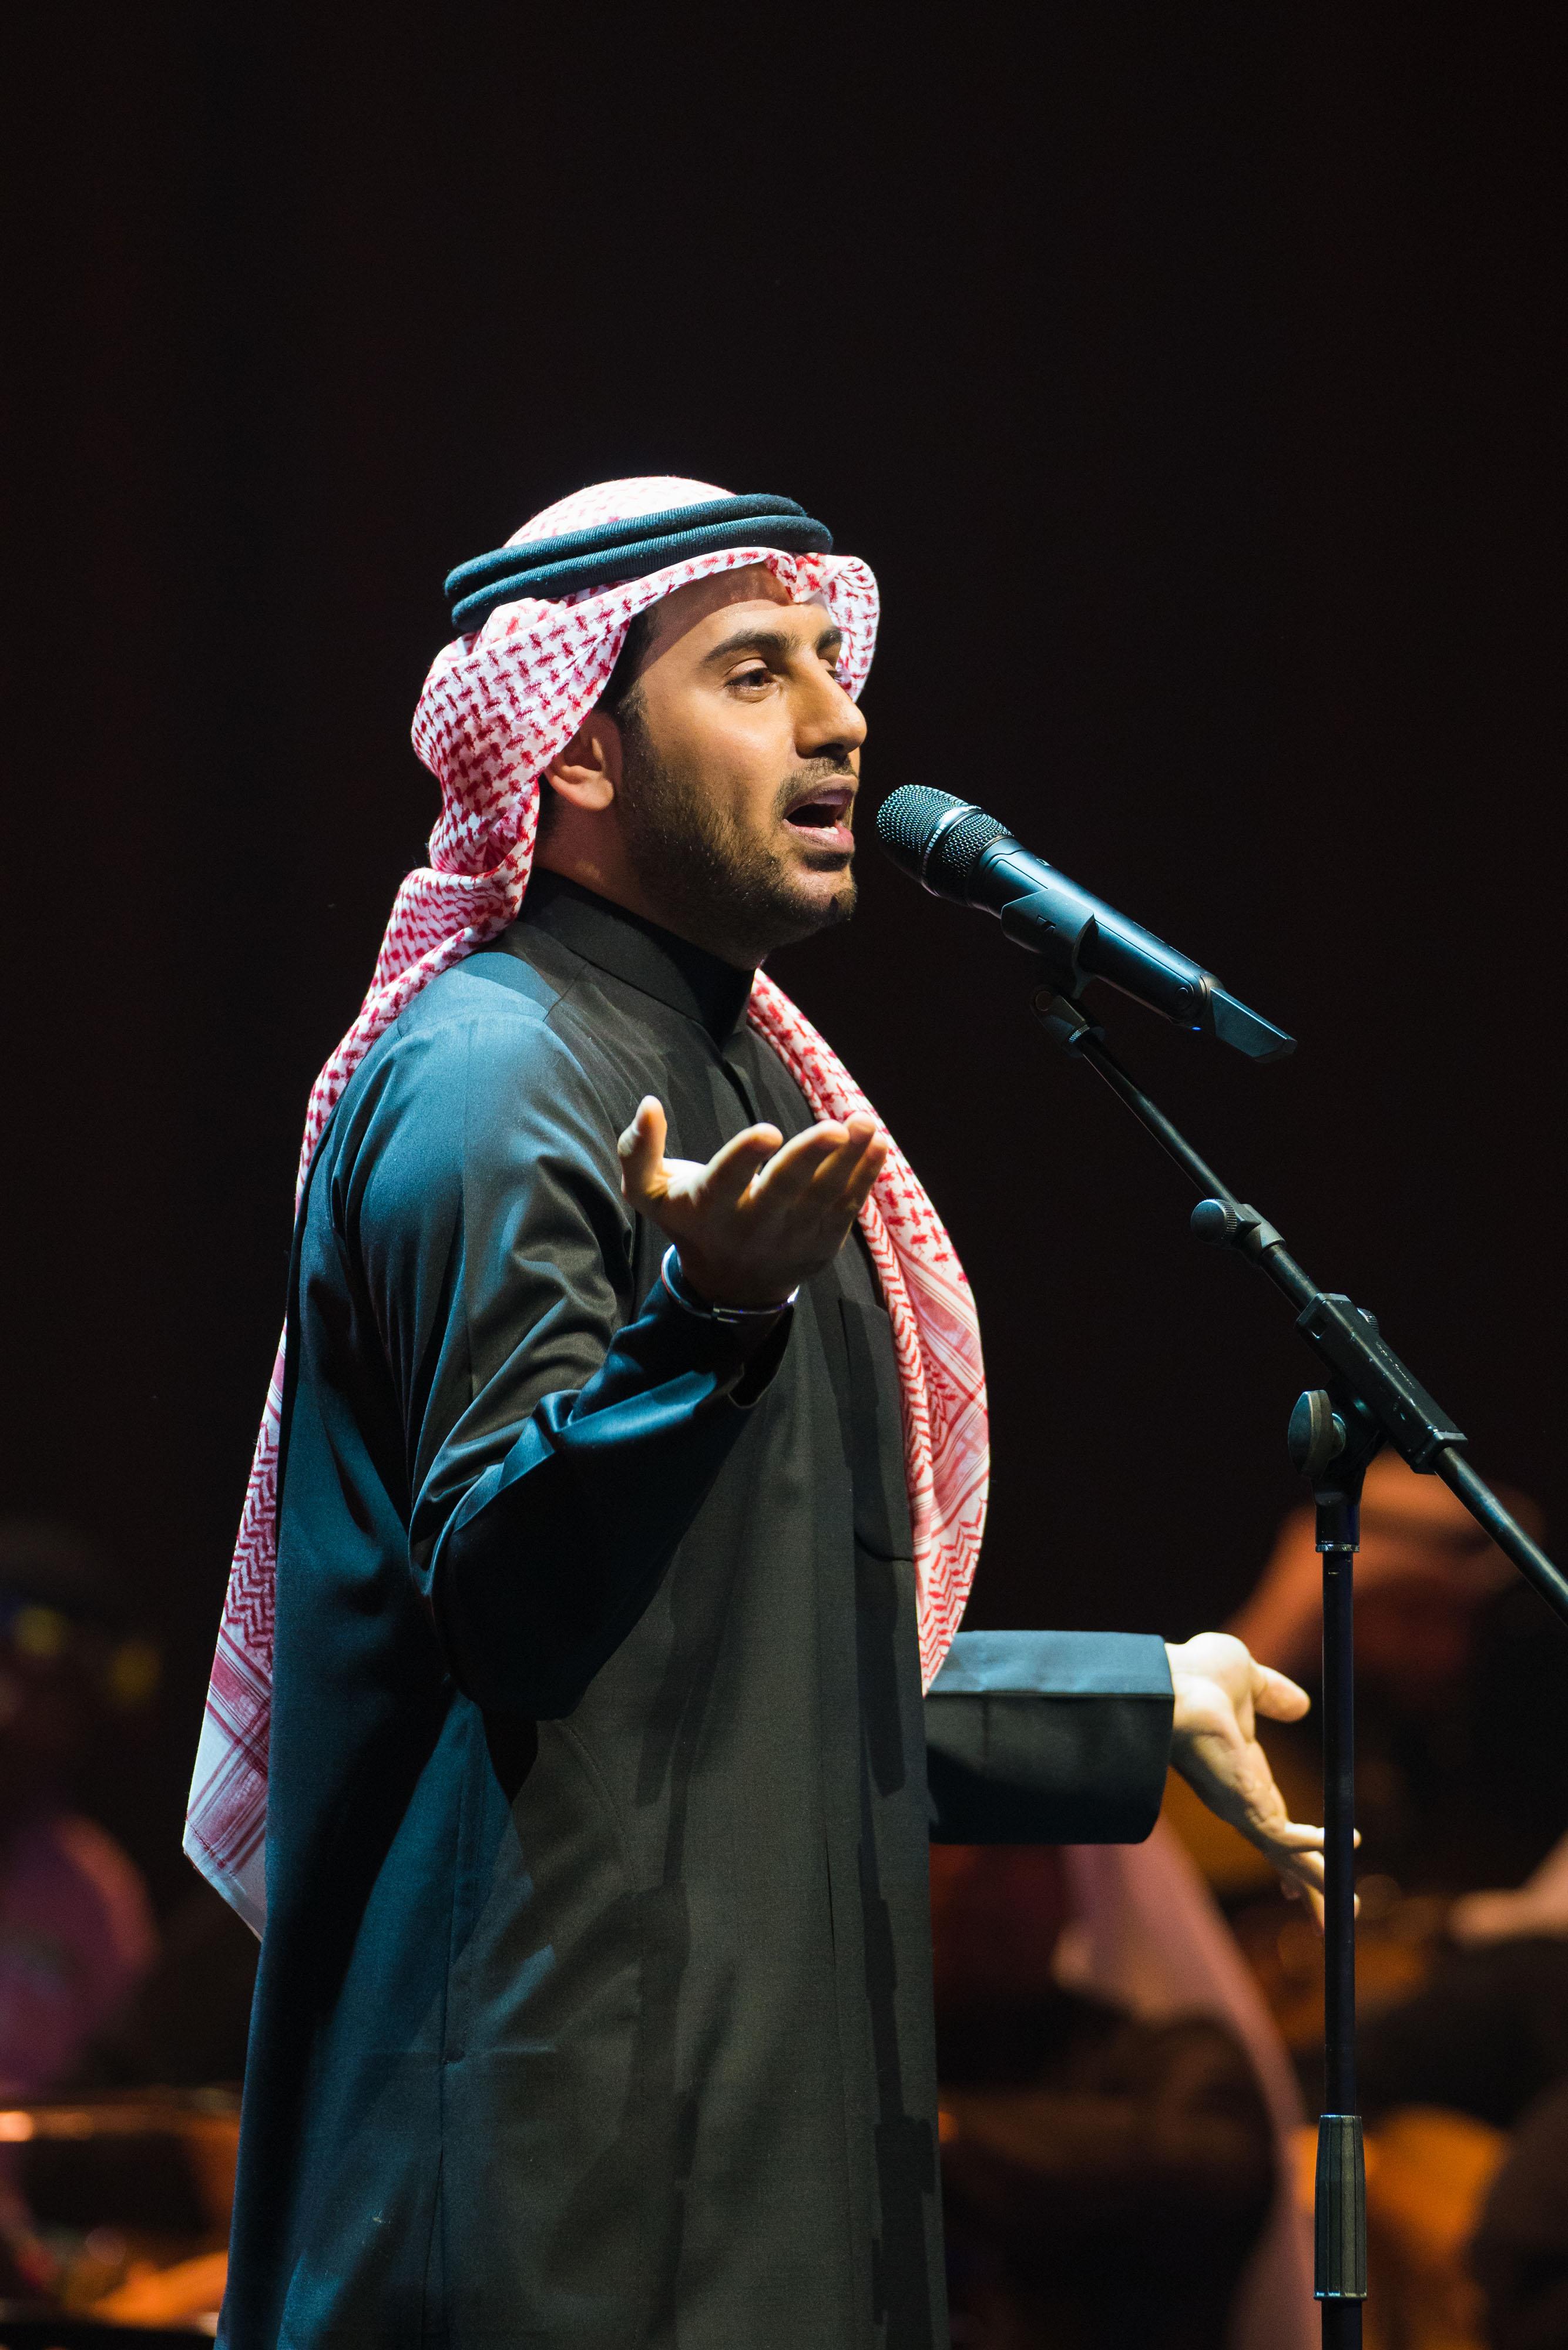 صورة فؤاد عبد الواحد يتالق في تكريم بومحضار في ليلتين بالكويت